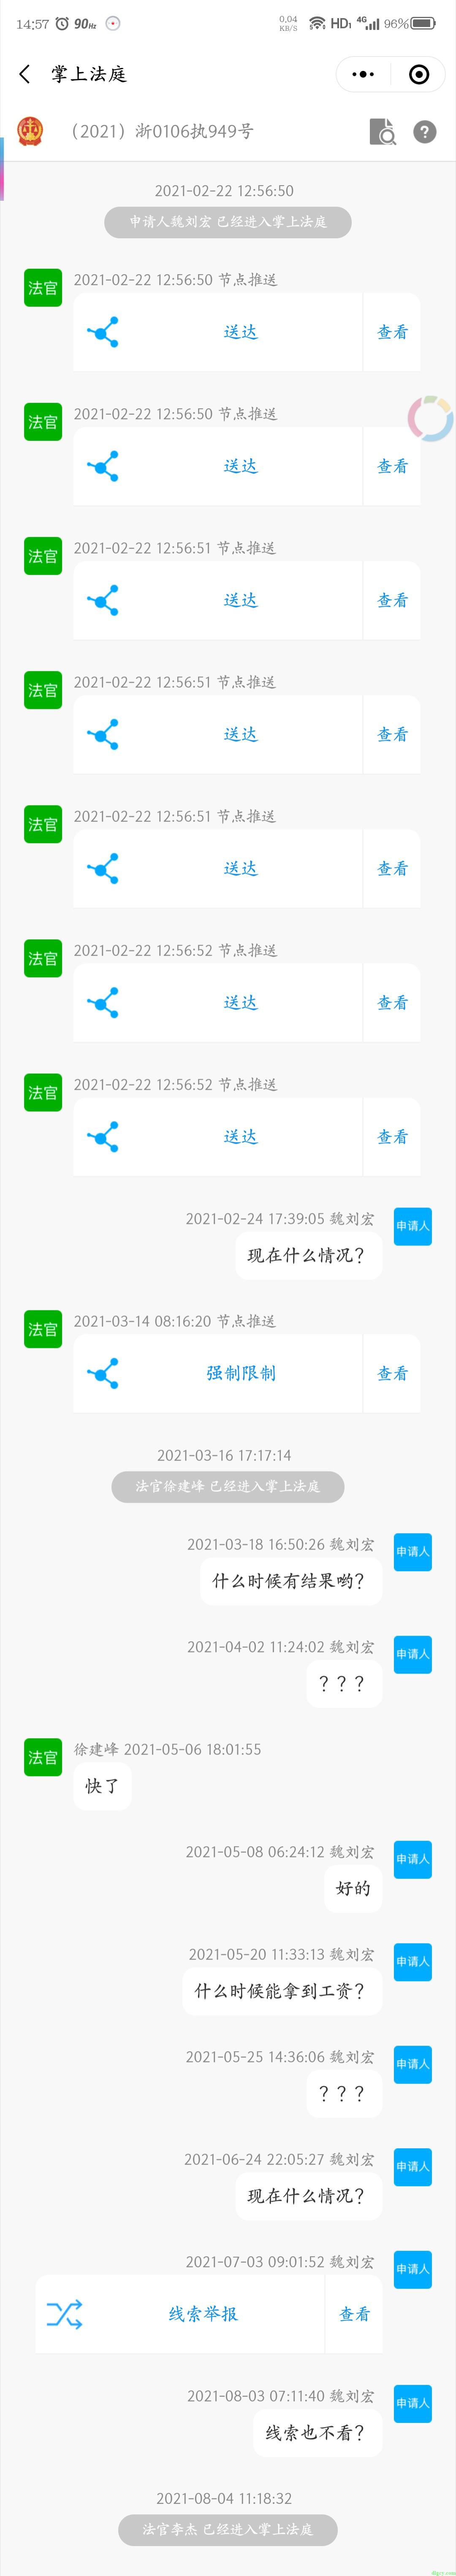 浙江云泊科技有限公司欠薪情况插图14